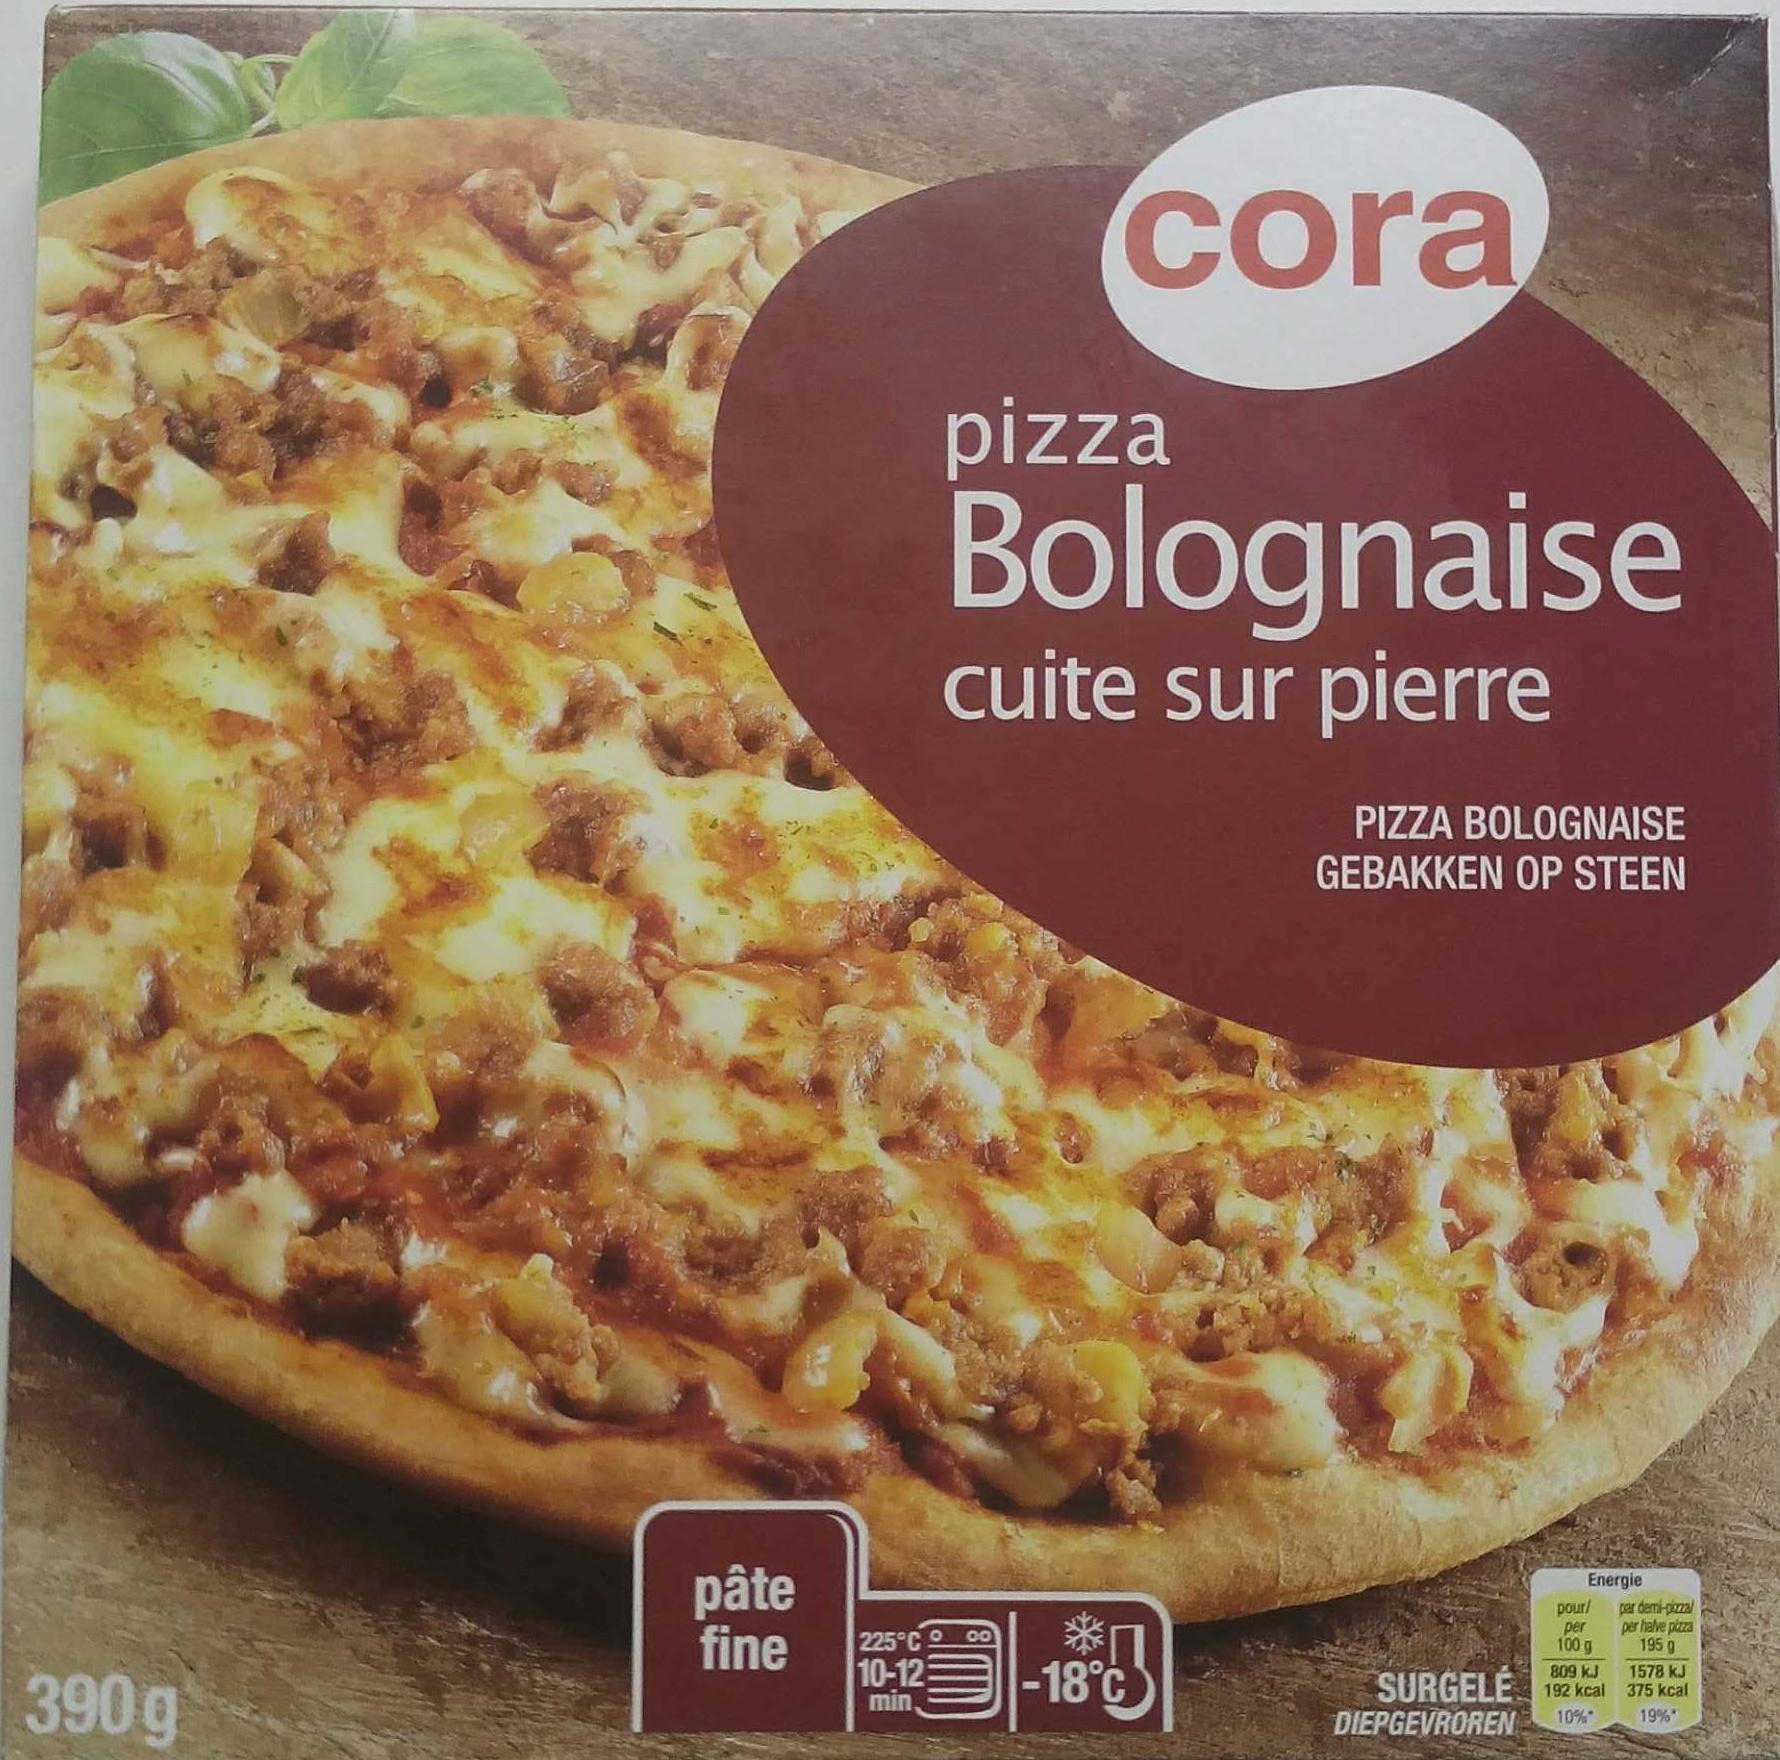 pizza bolognaise cuite sur cora 390 g